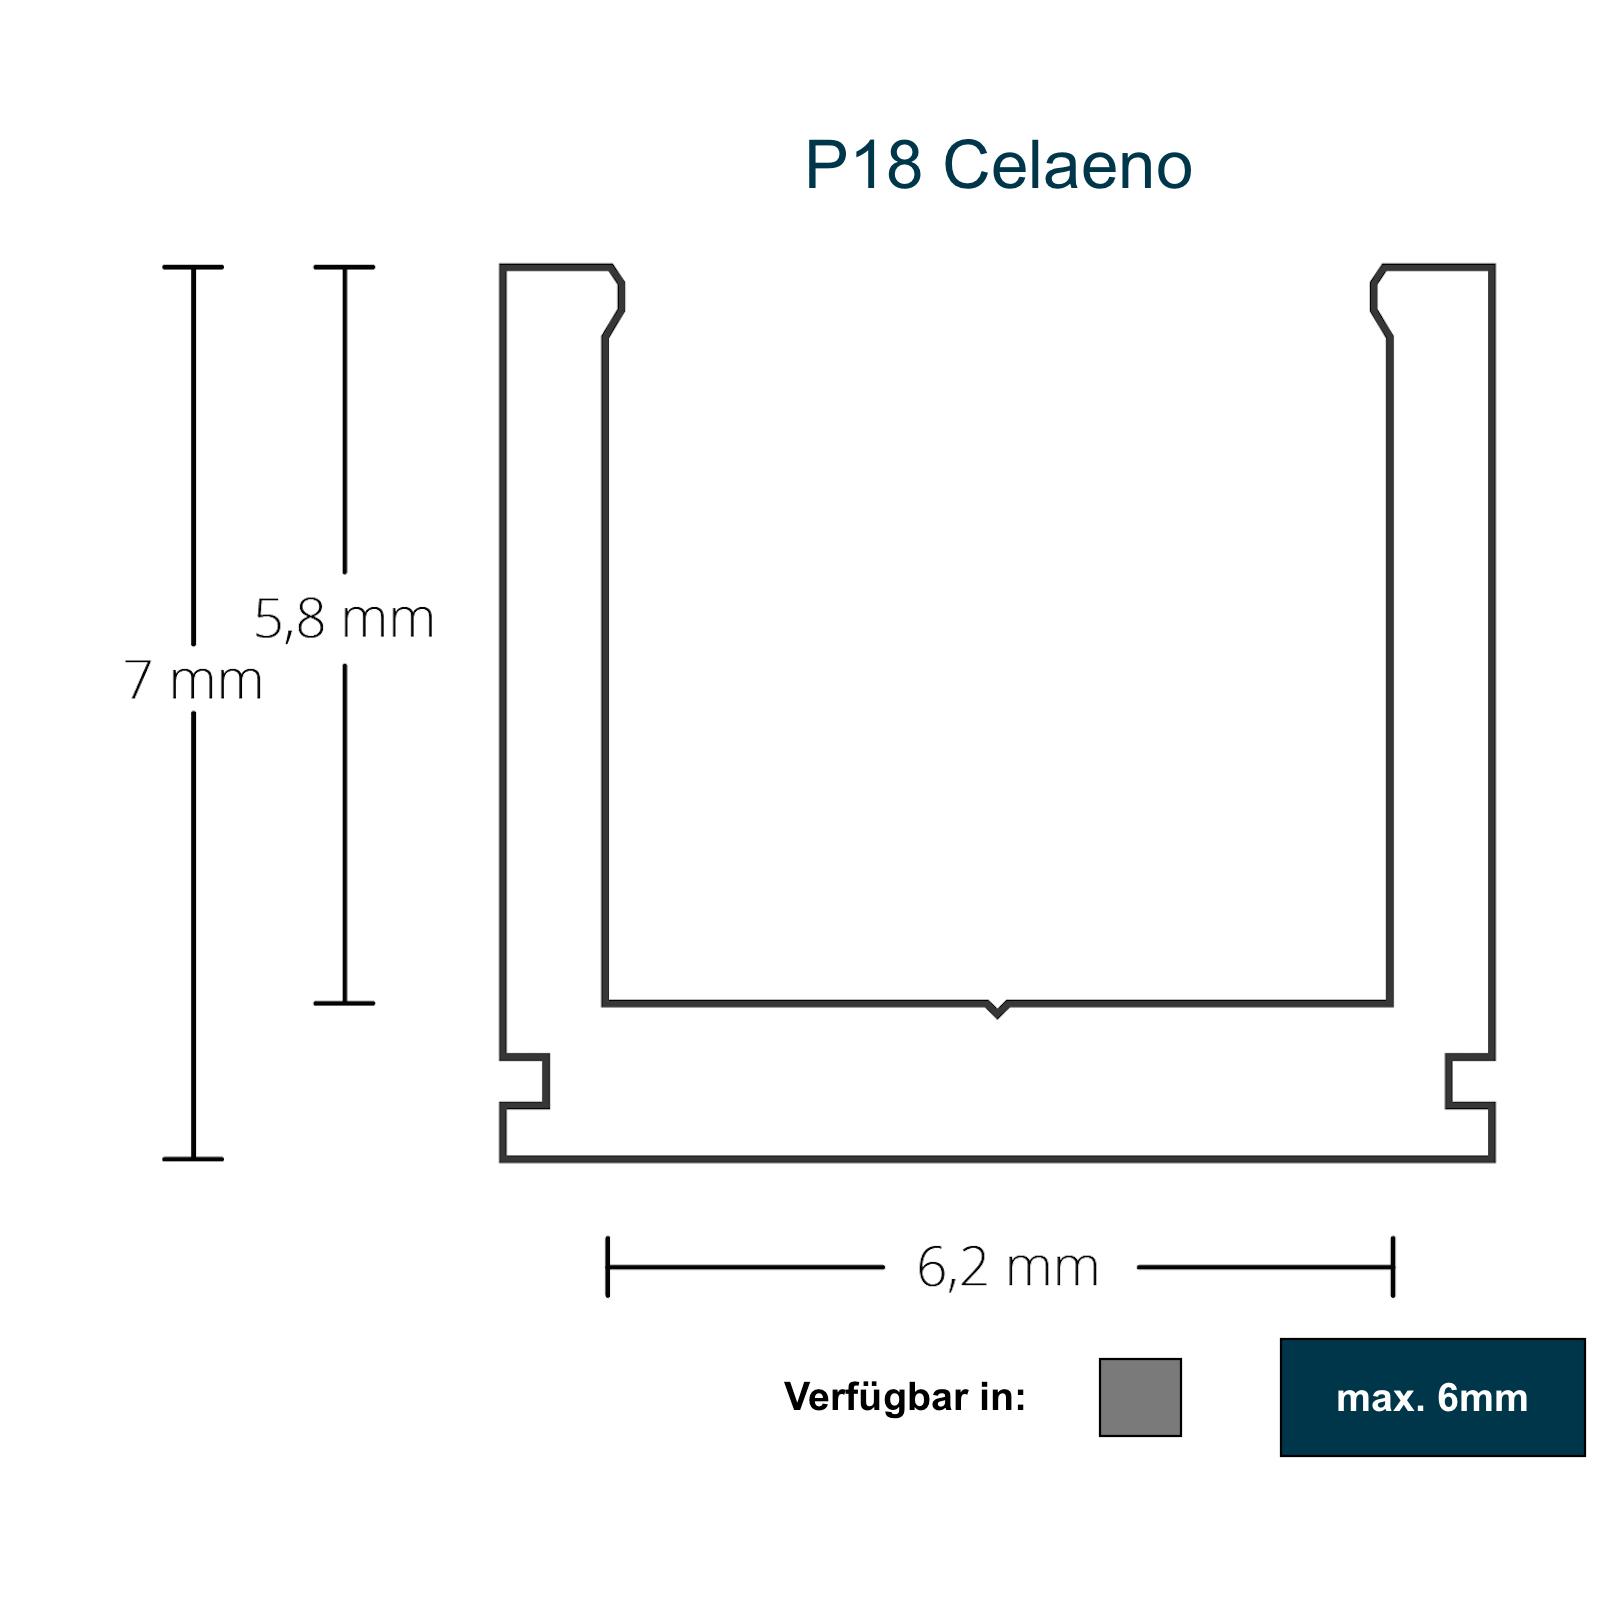 P18 Celeano